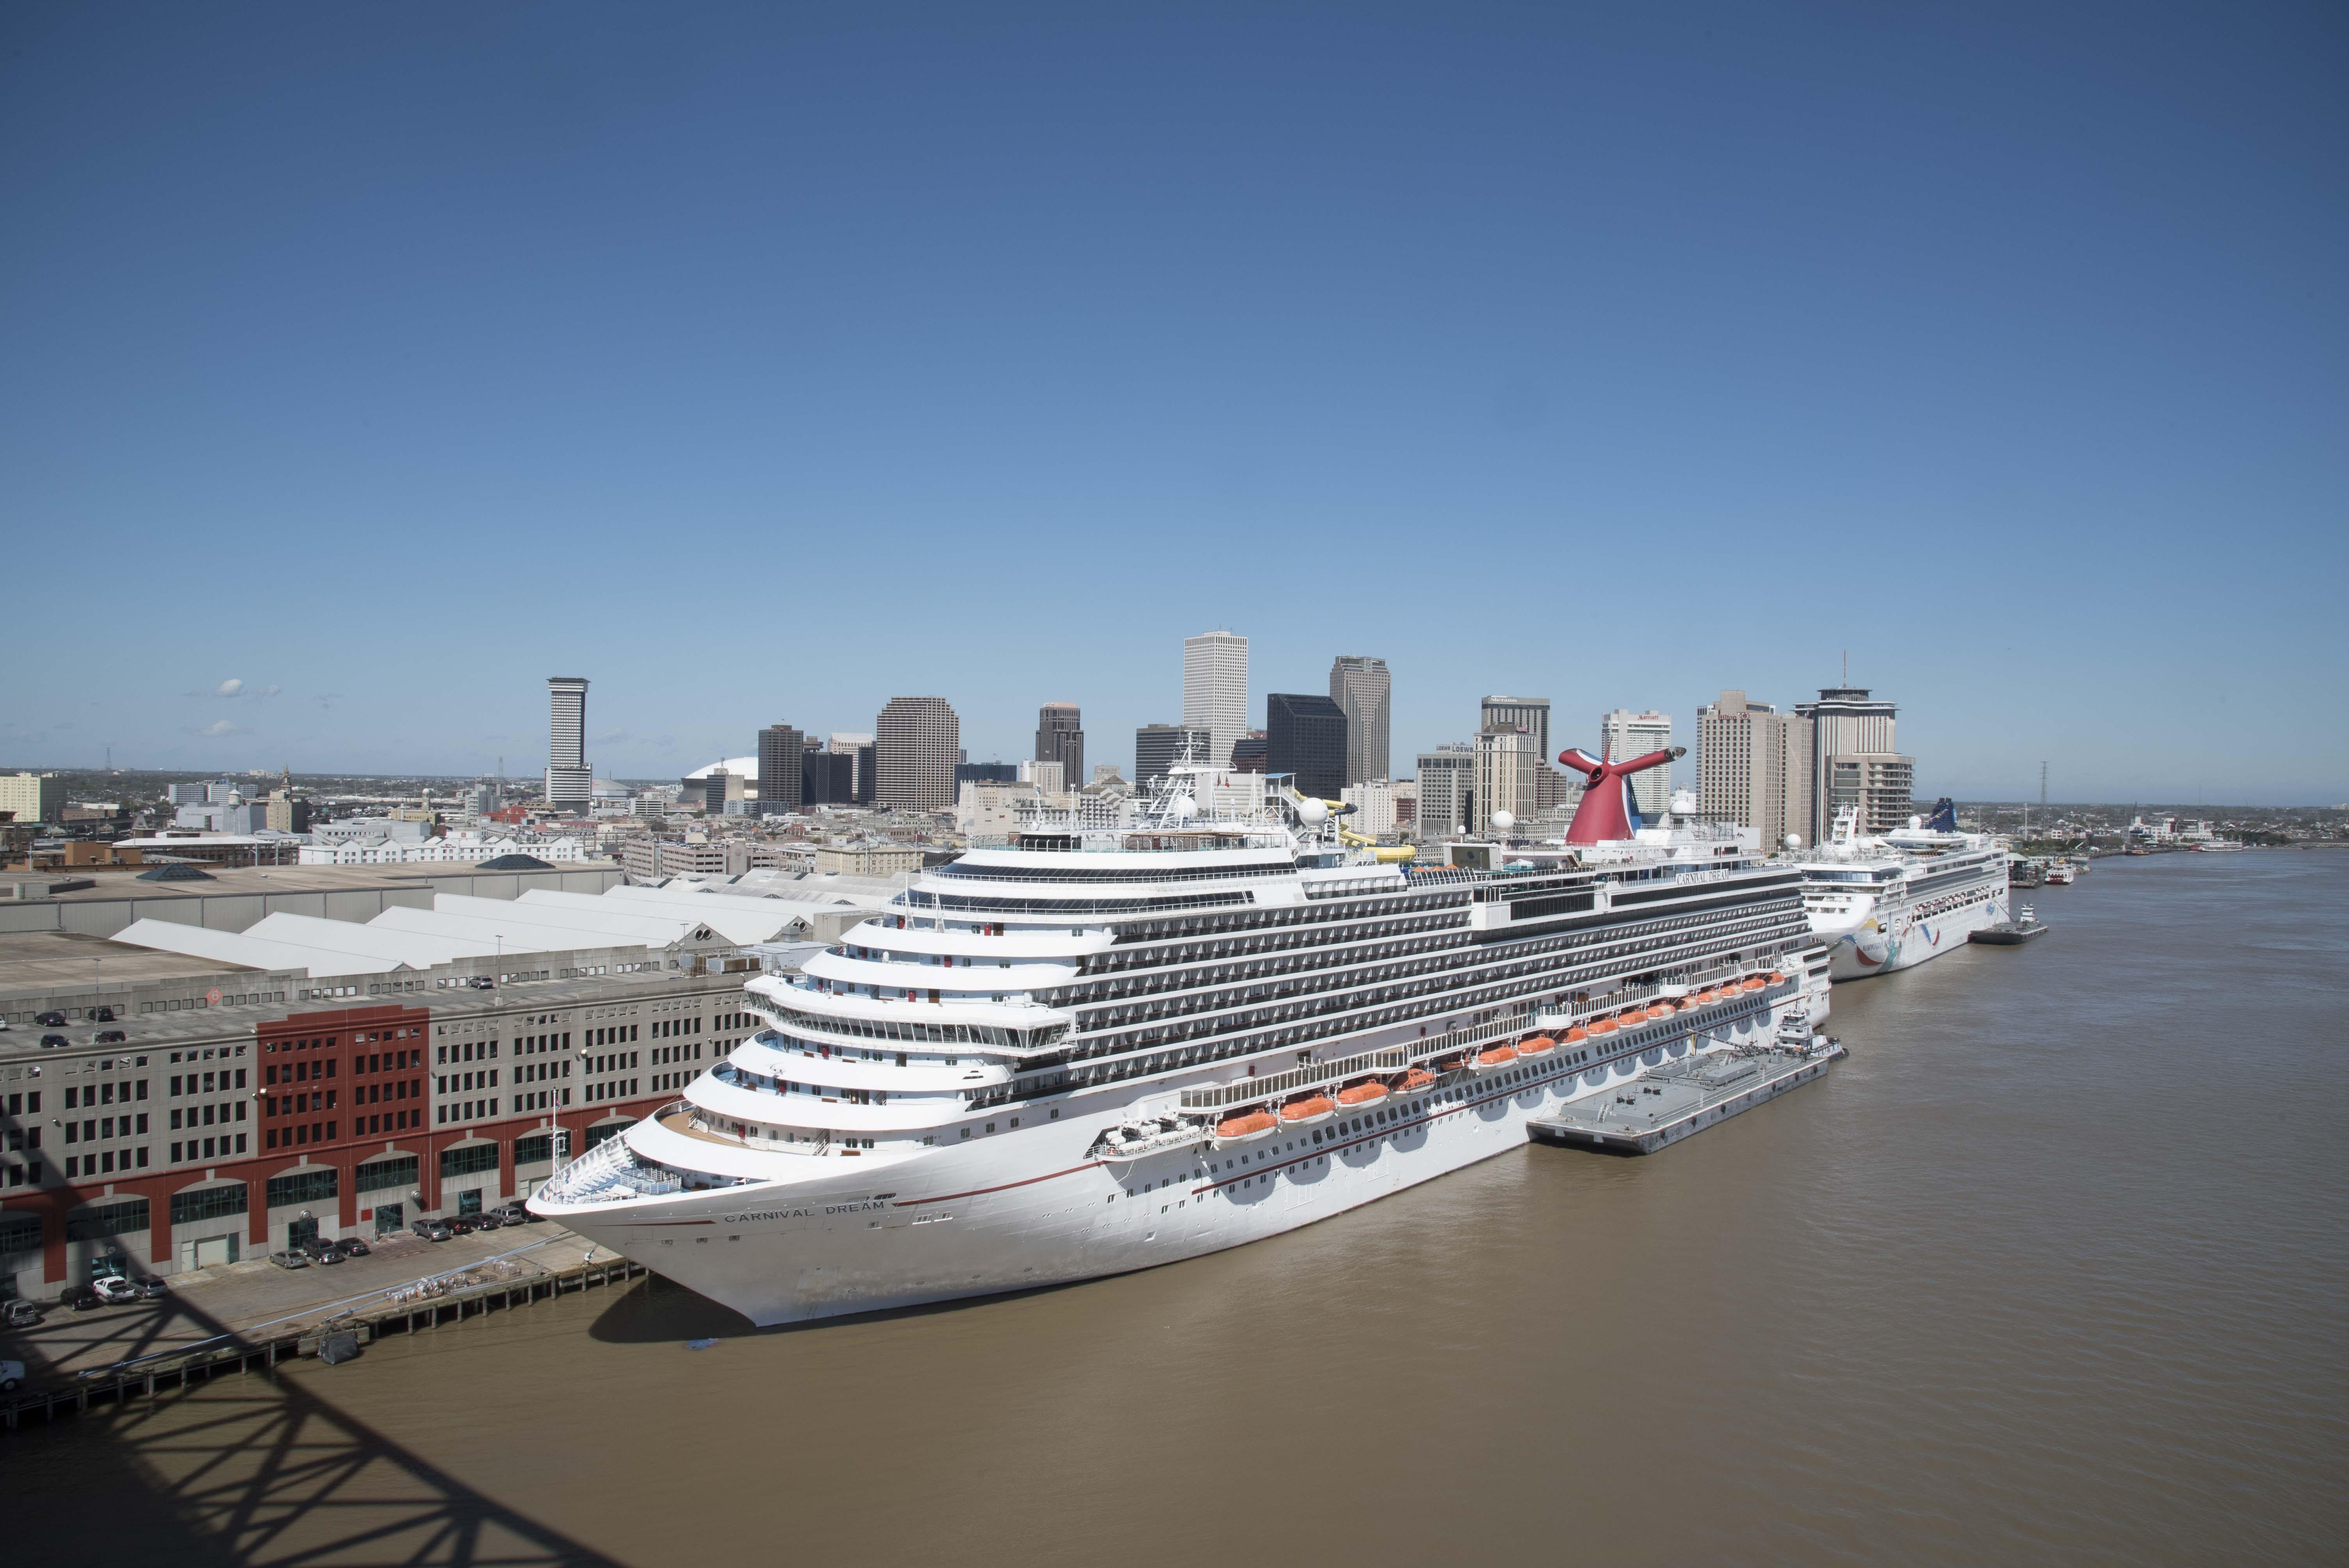 2006 Cruise Terminals